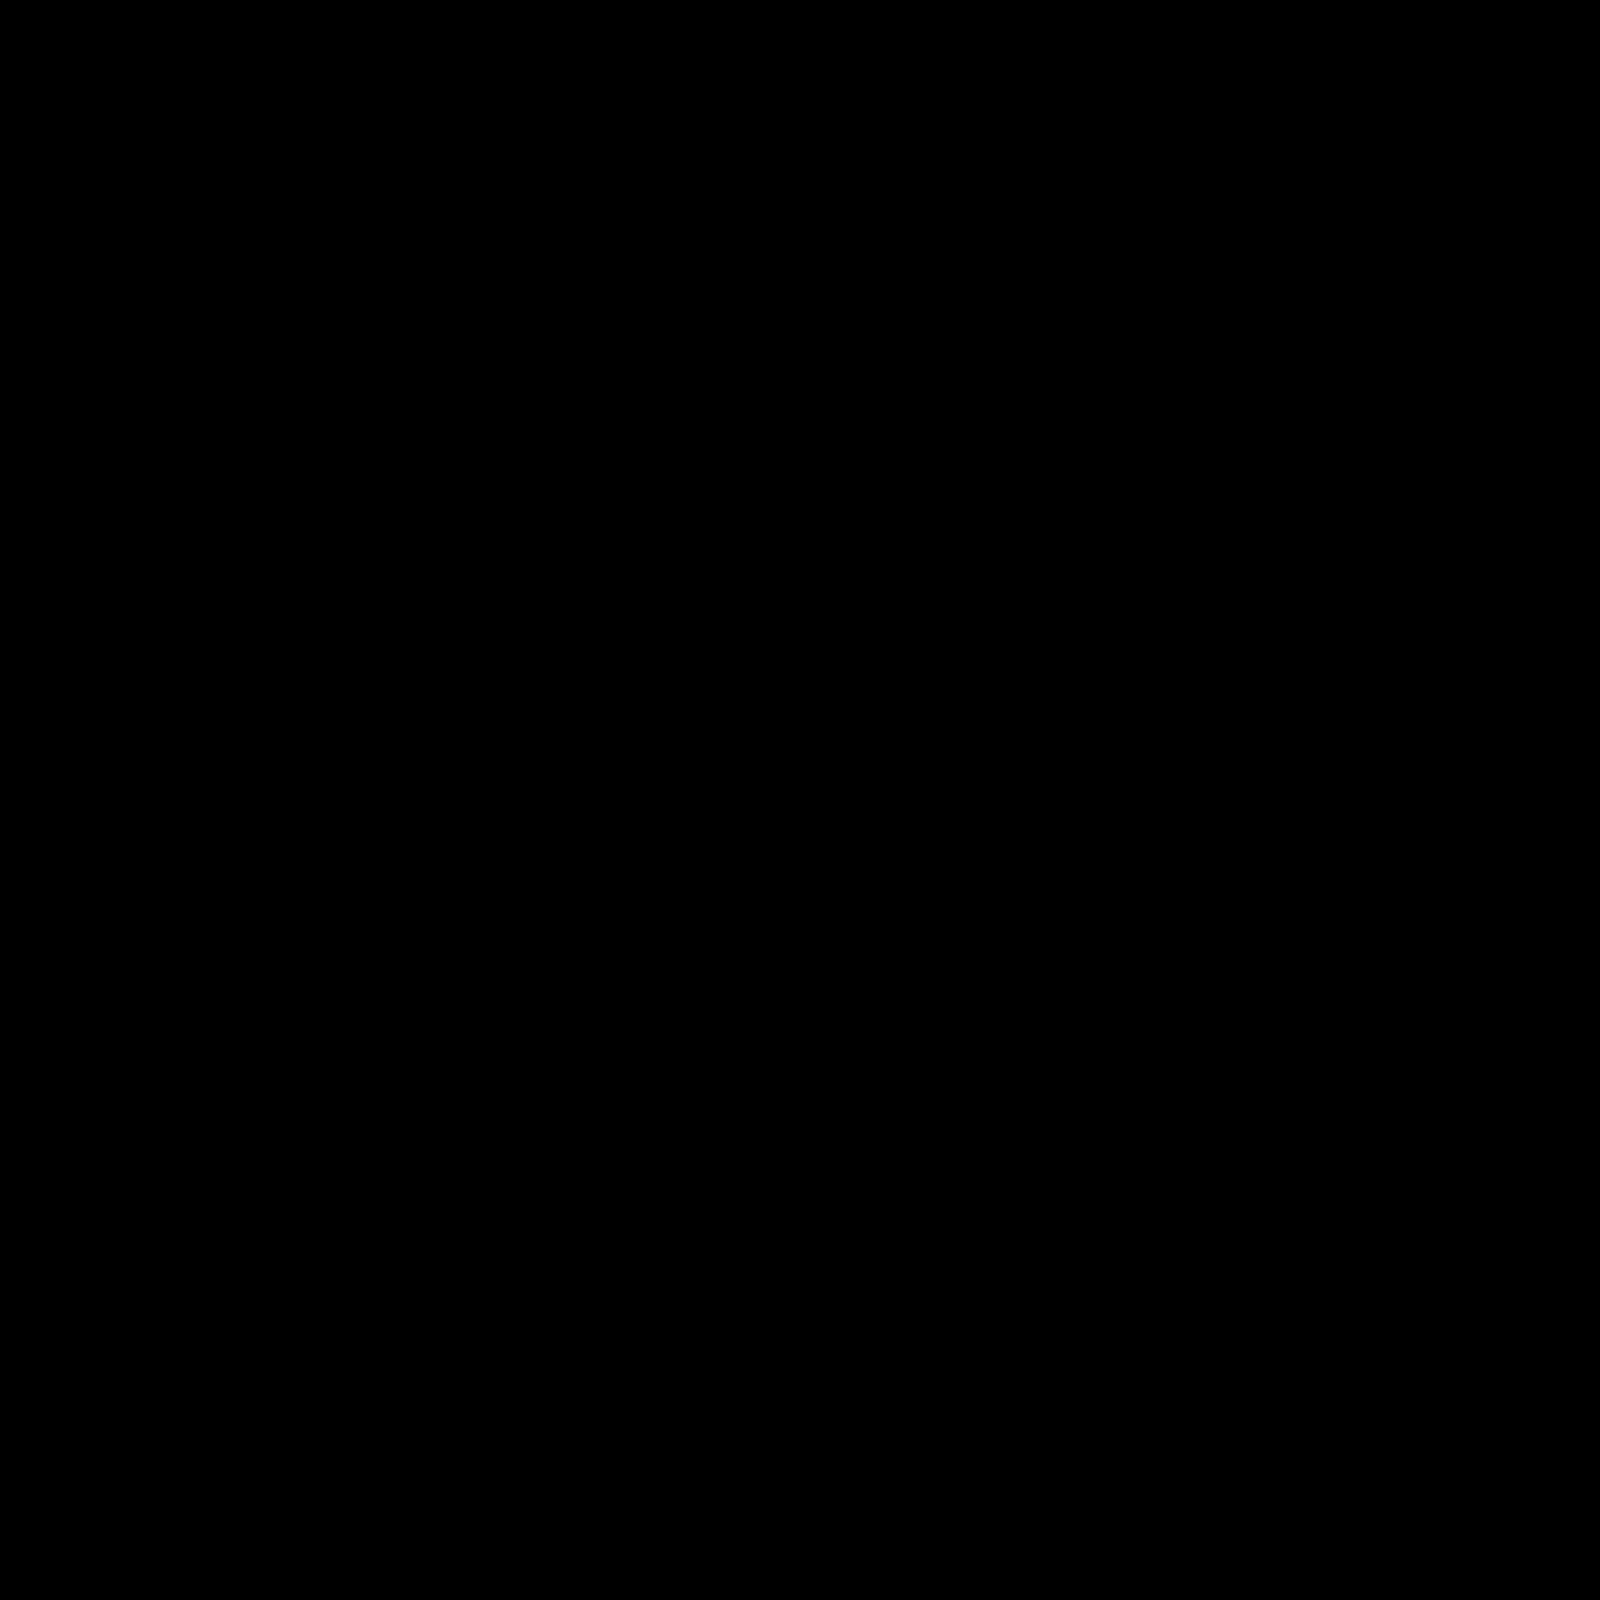 Спортивный шлем icon